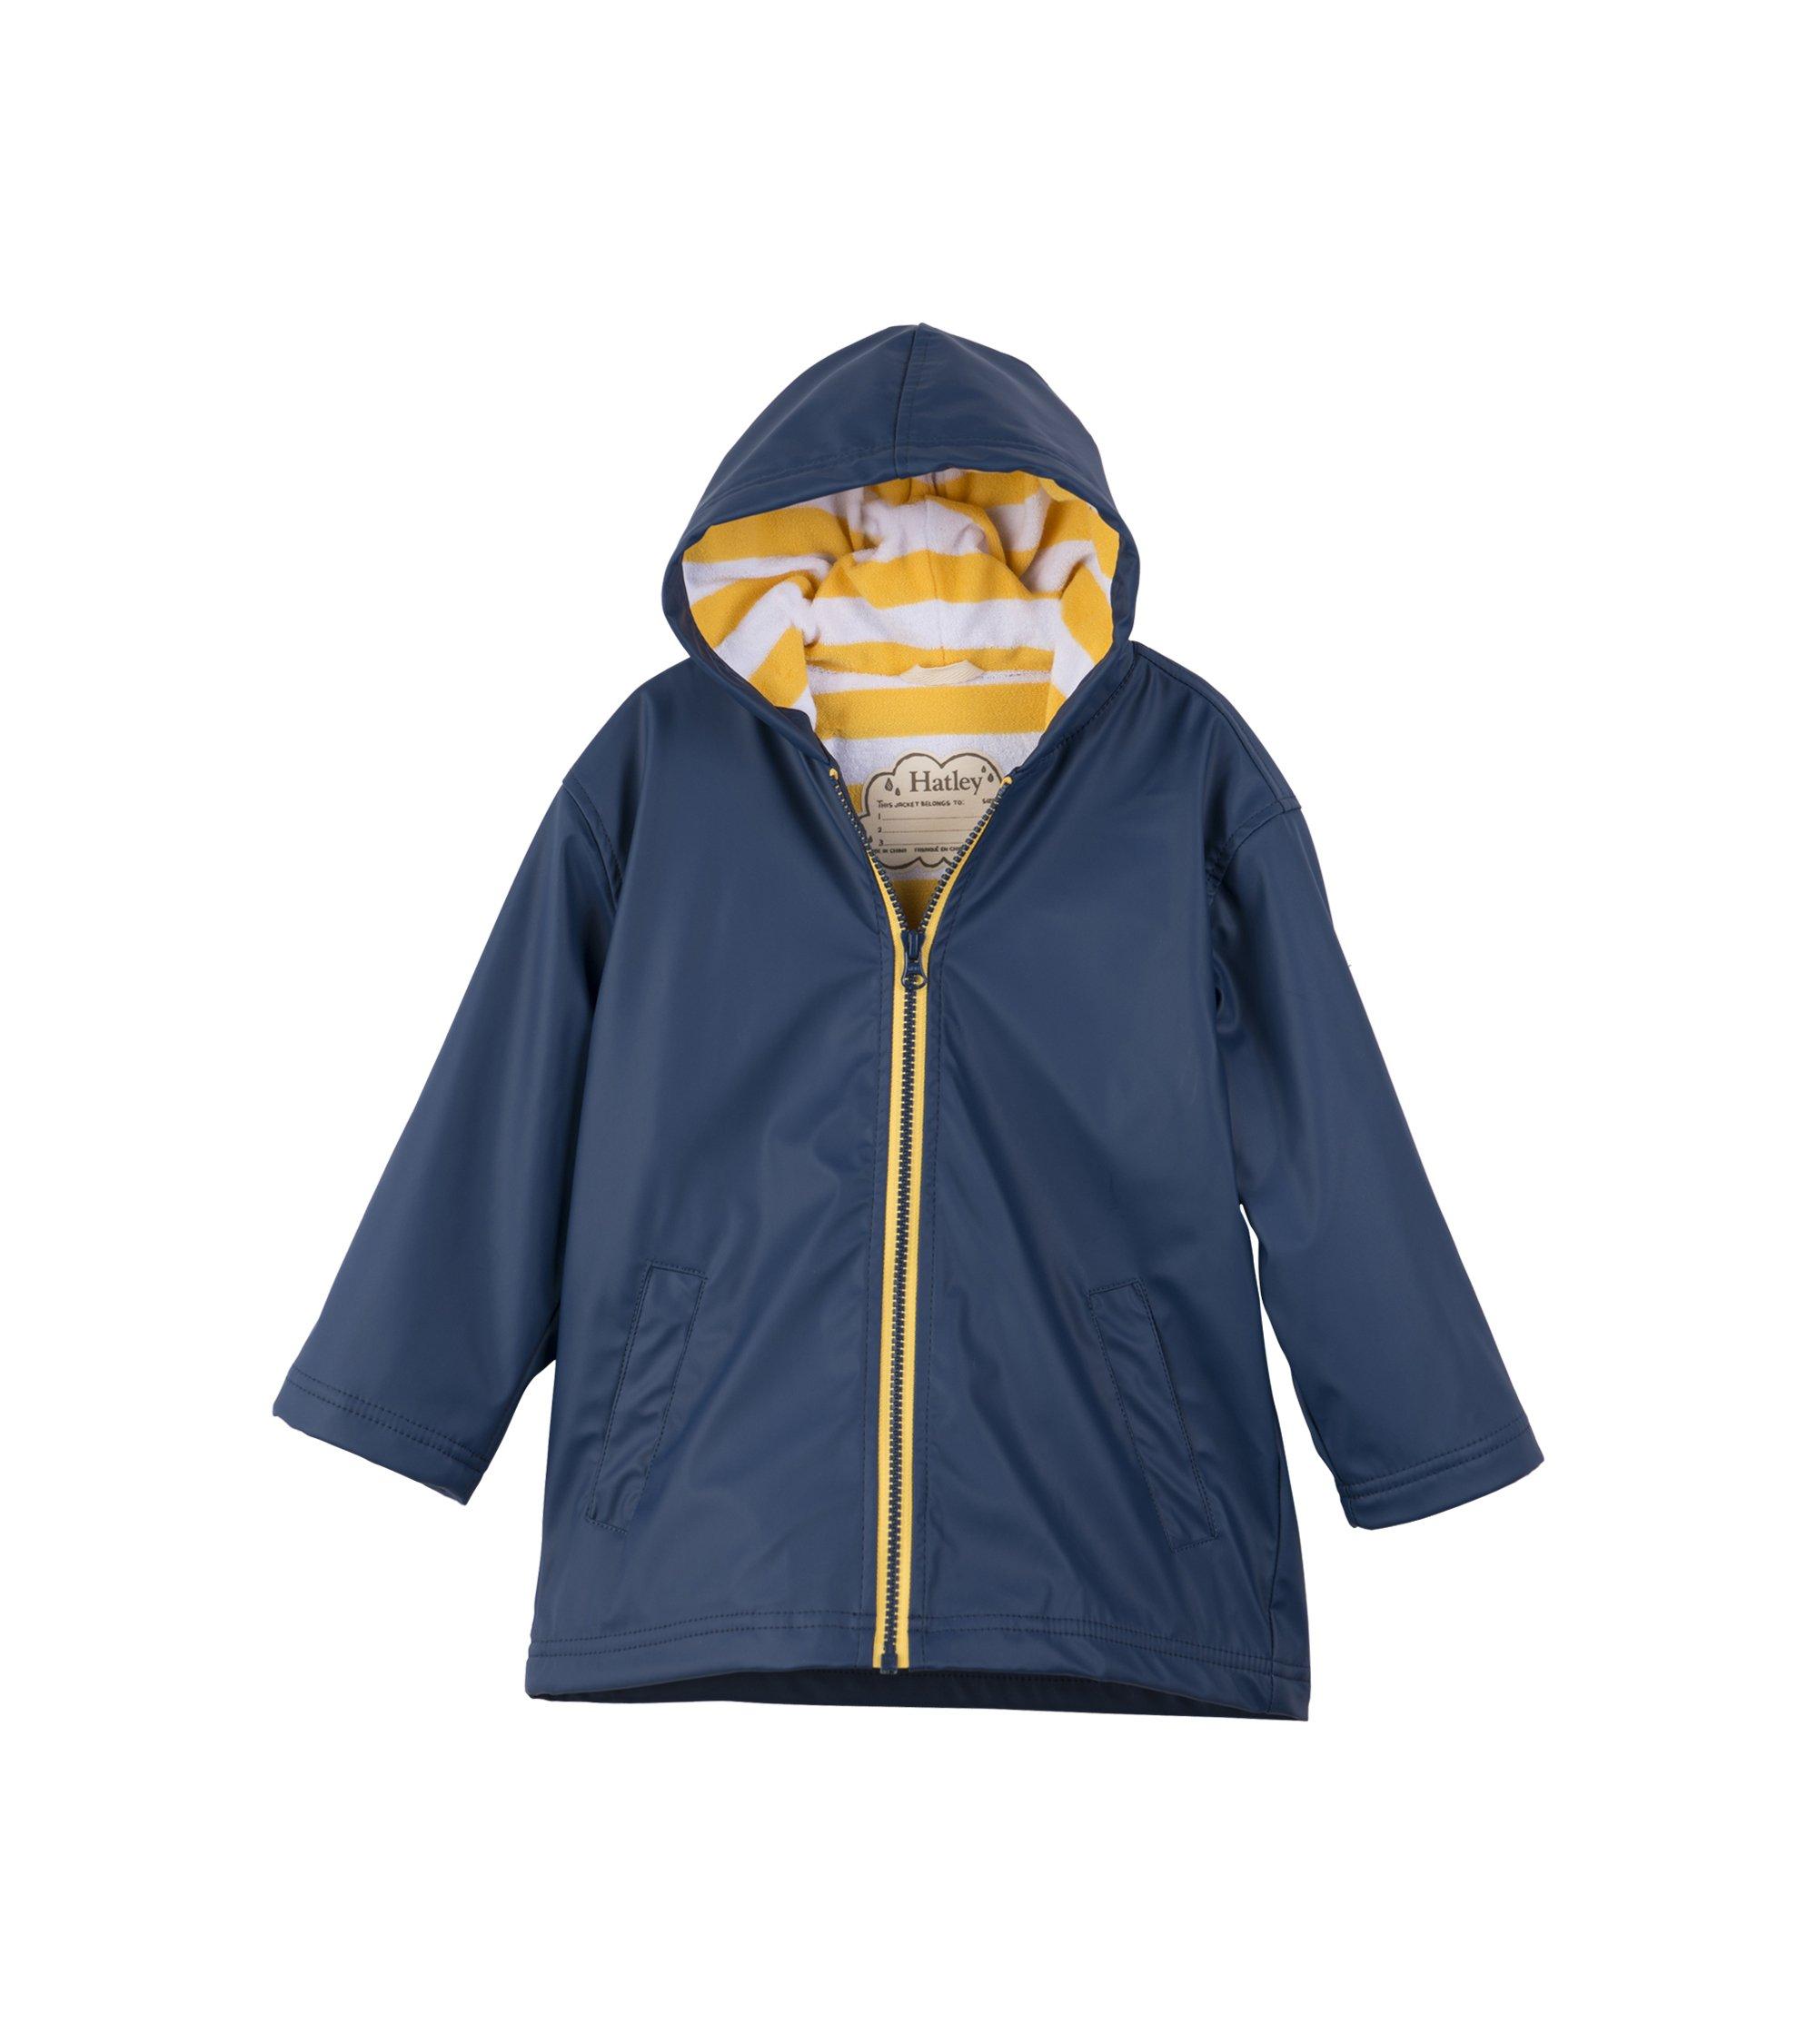 Hatley Little Boys' Splash Jacket, Navy/Yellow, 6